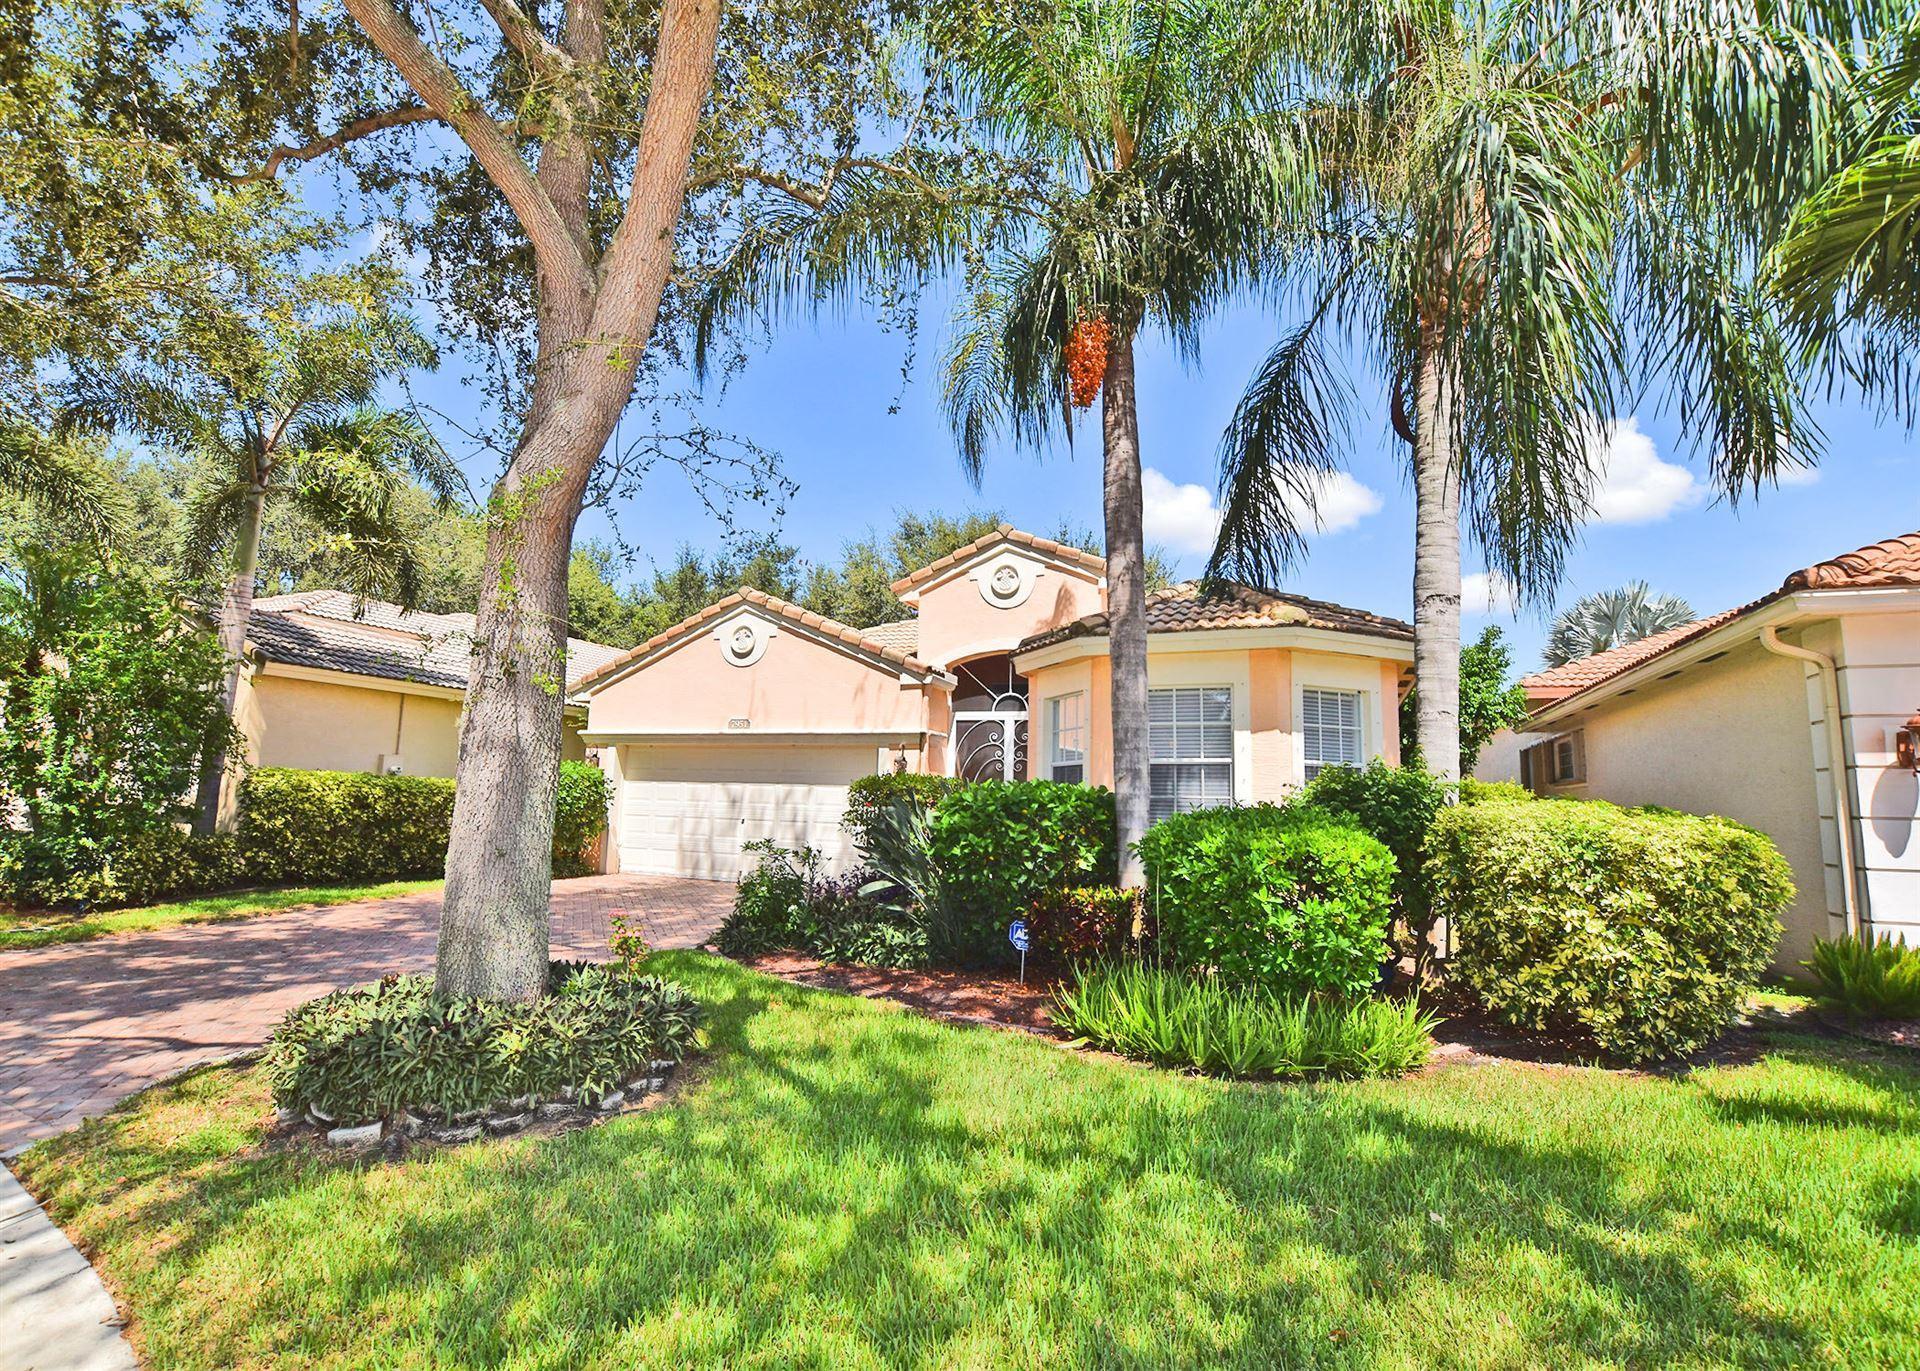 7951 New Holland Way, Boynton Beach, FL 33437 - #: RX-10656697